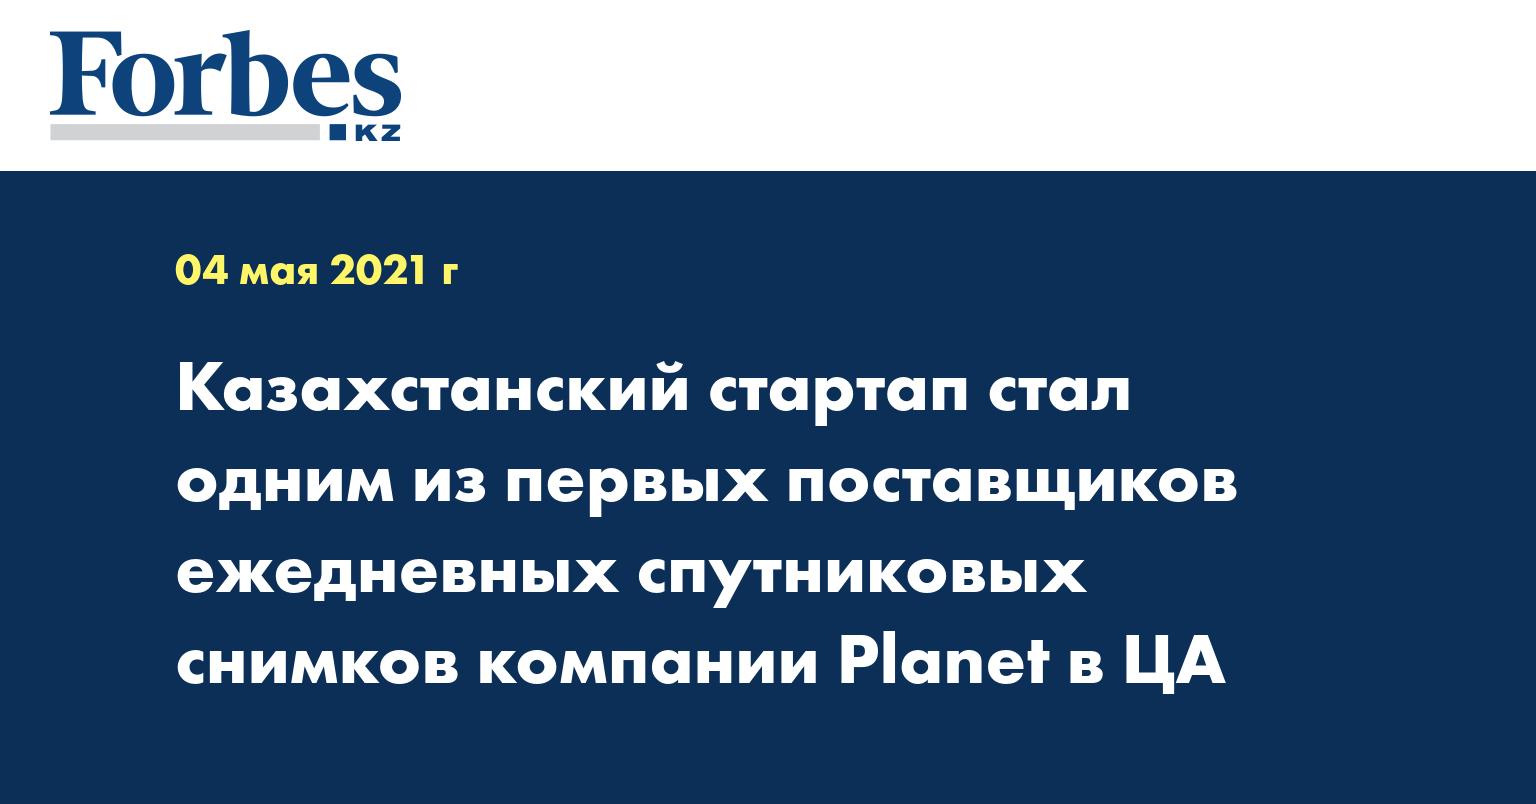 Казахстанский стартап стал одним из первых поставщиков ежедневных спутниковых снимков компании Planet в ЦА